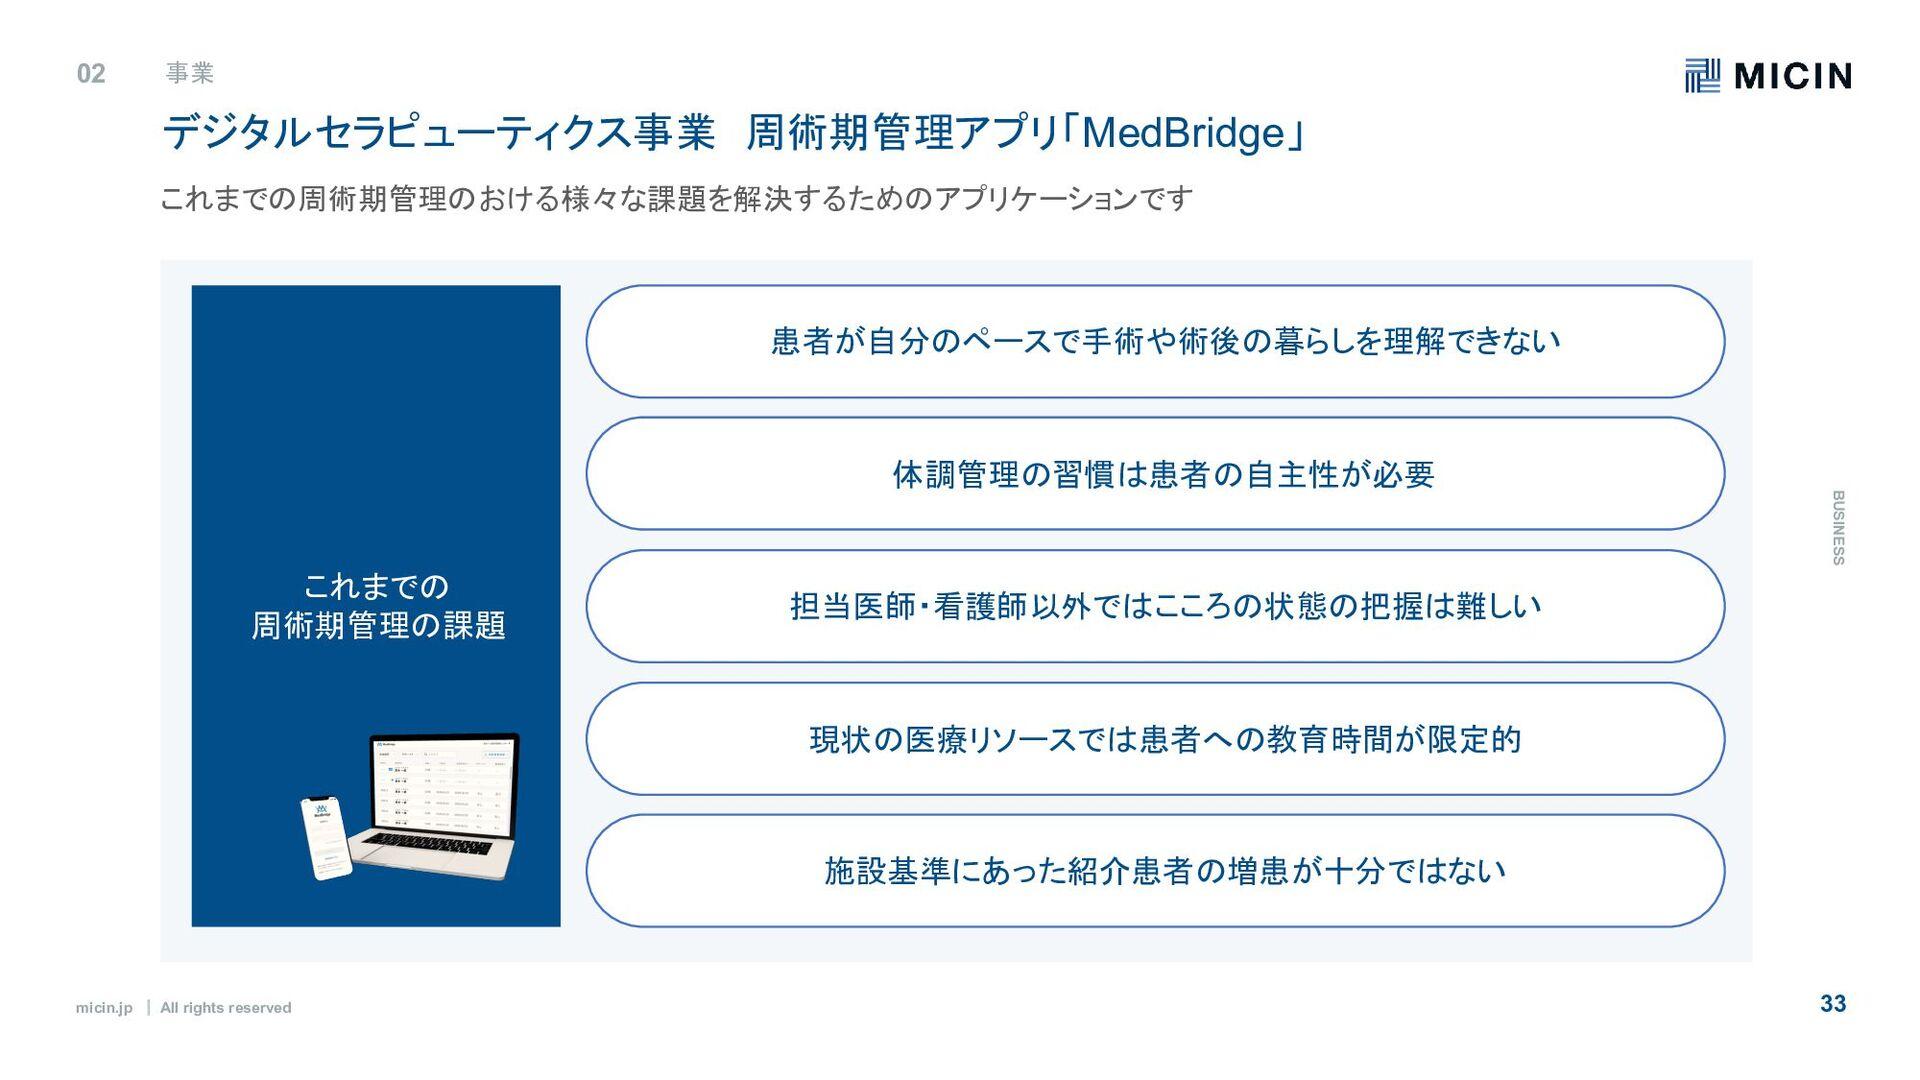 micin.jp ʛ All rights reserved 33 micin.jp ʛ Al...